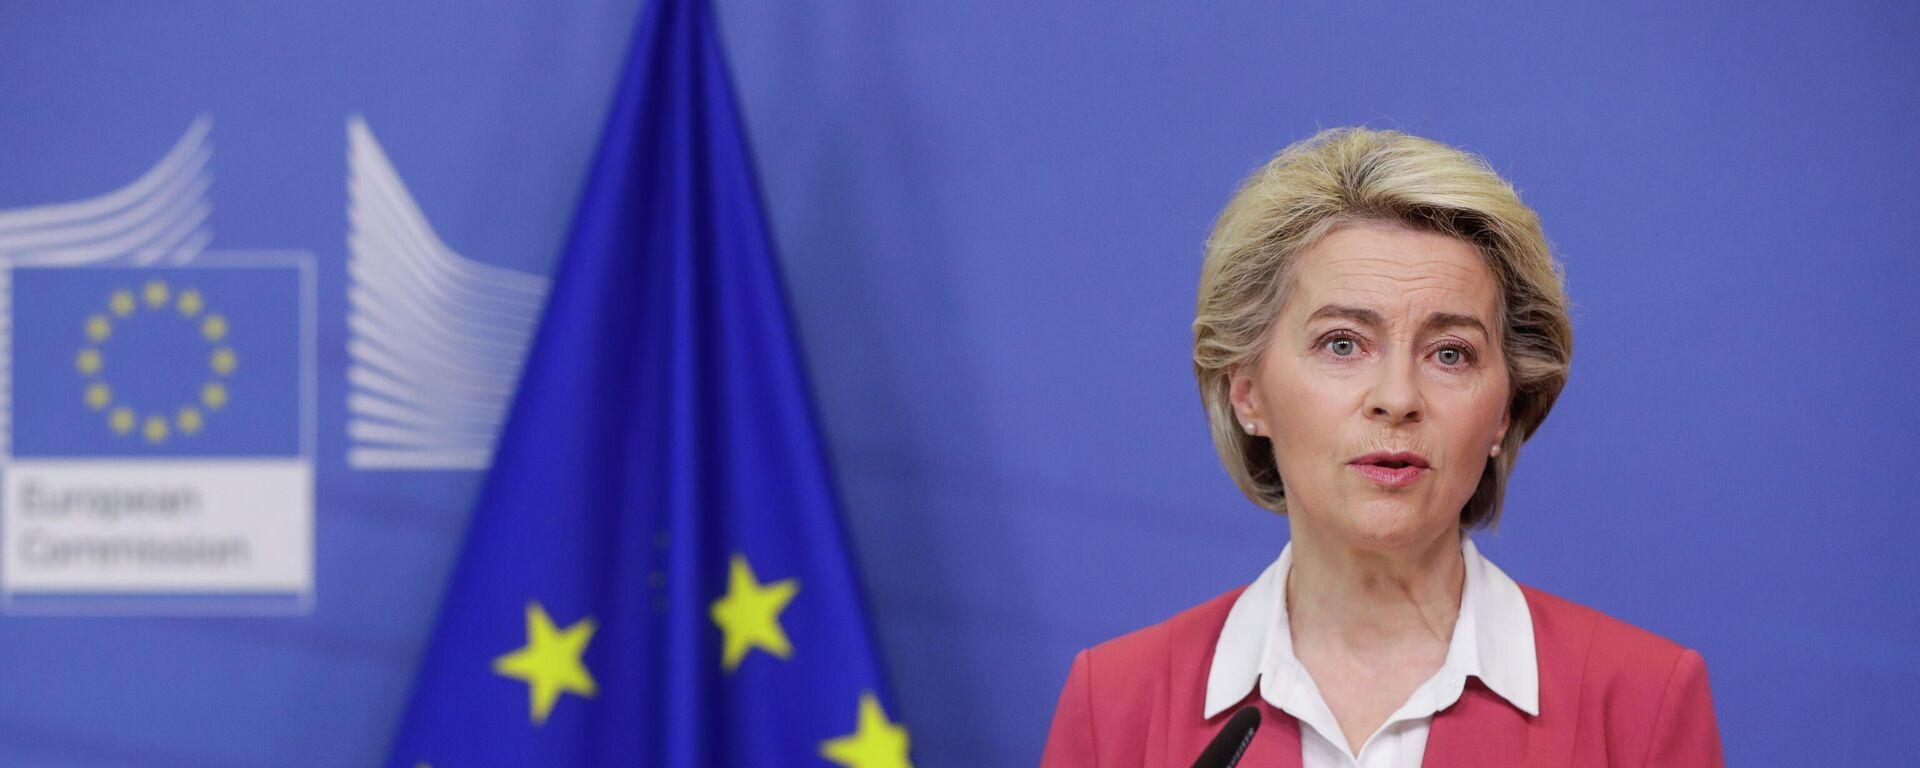 EU-Kommissionspräsidentin Ursula von der Leyen (Archivbild) - SNA, 1920, 31.08.2021